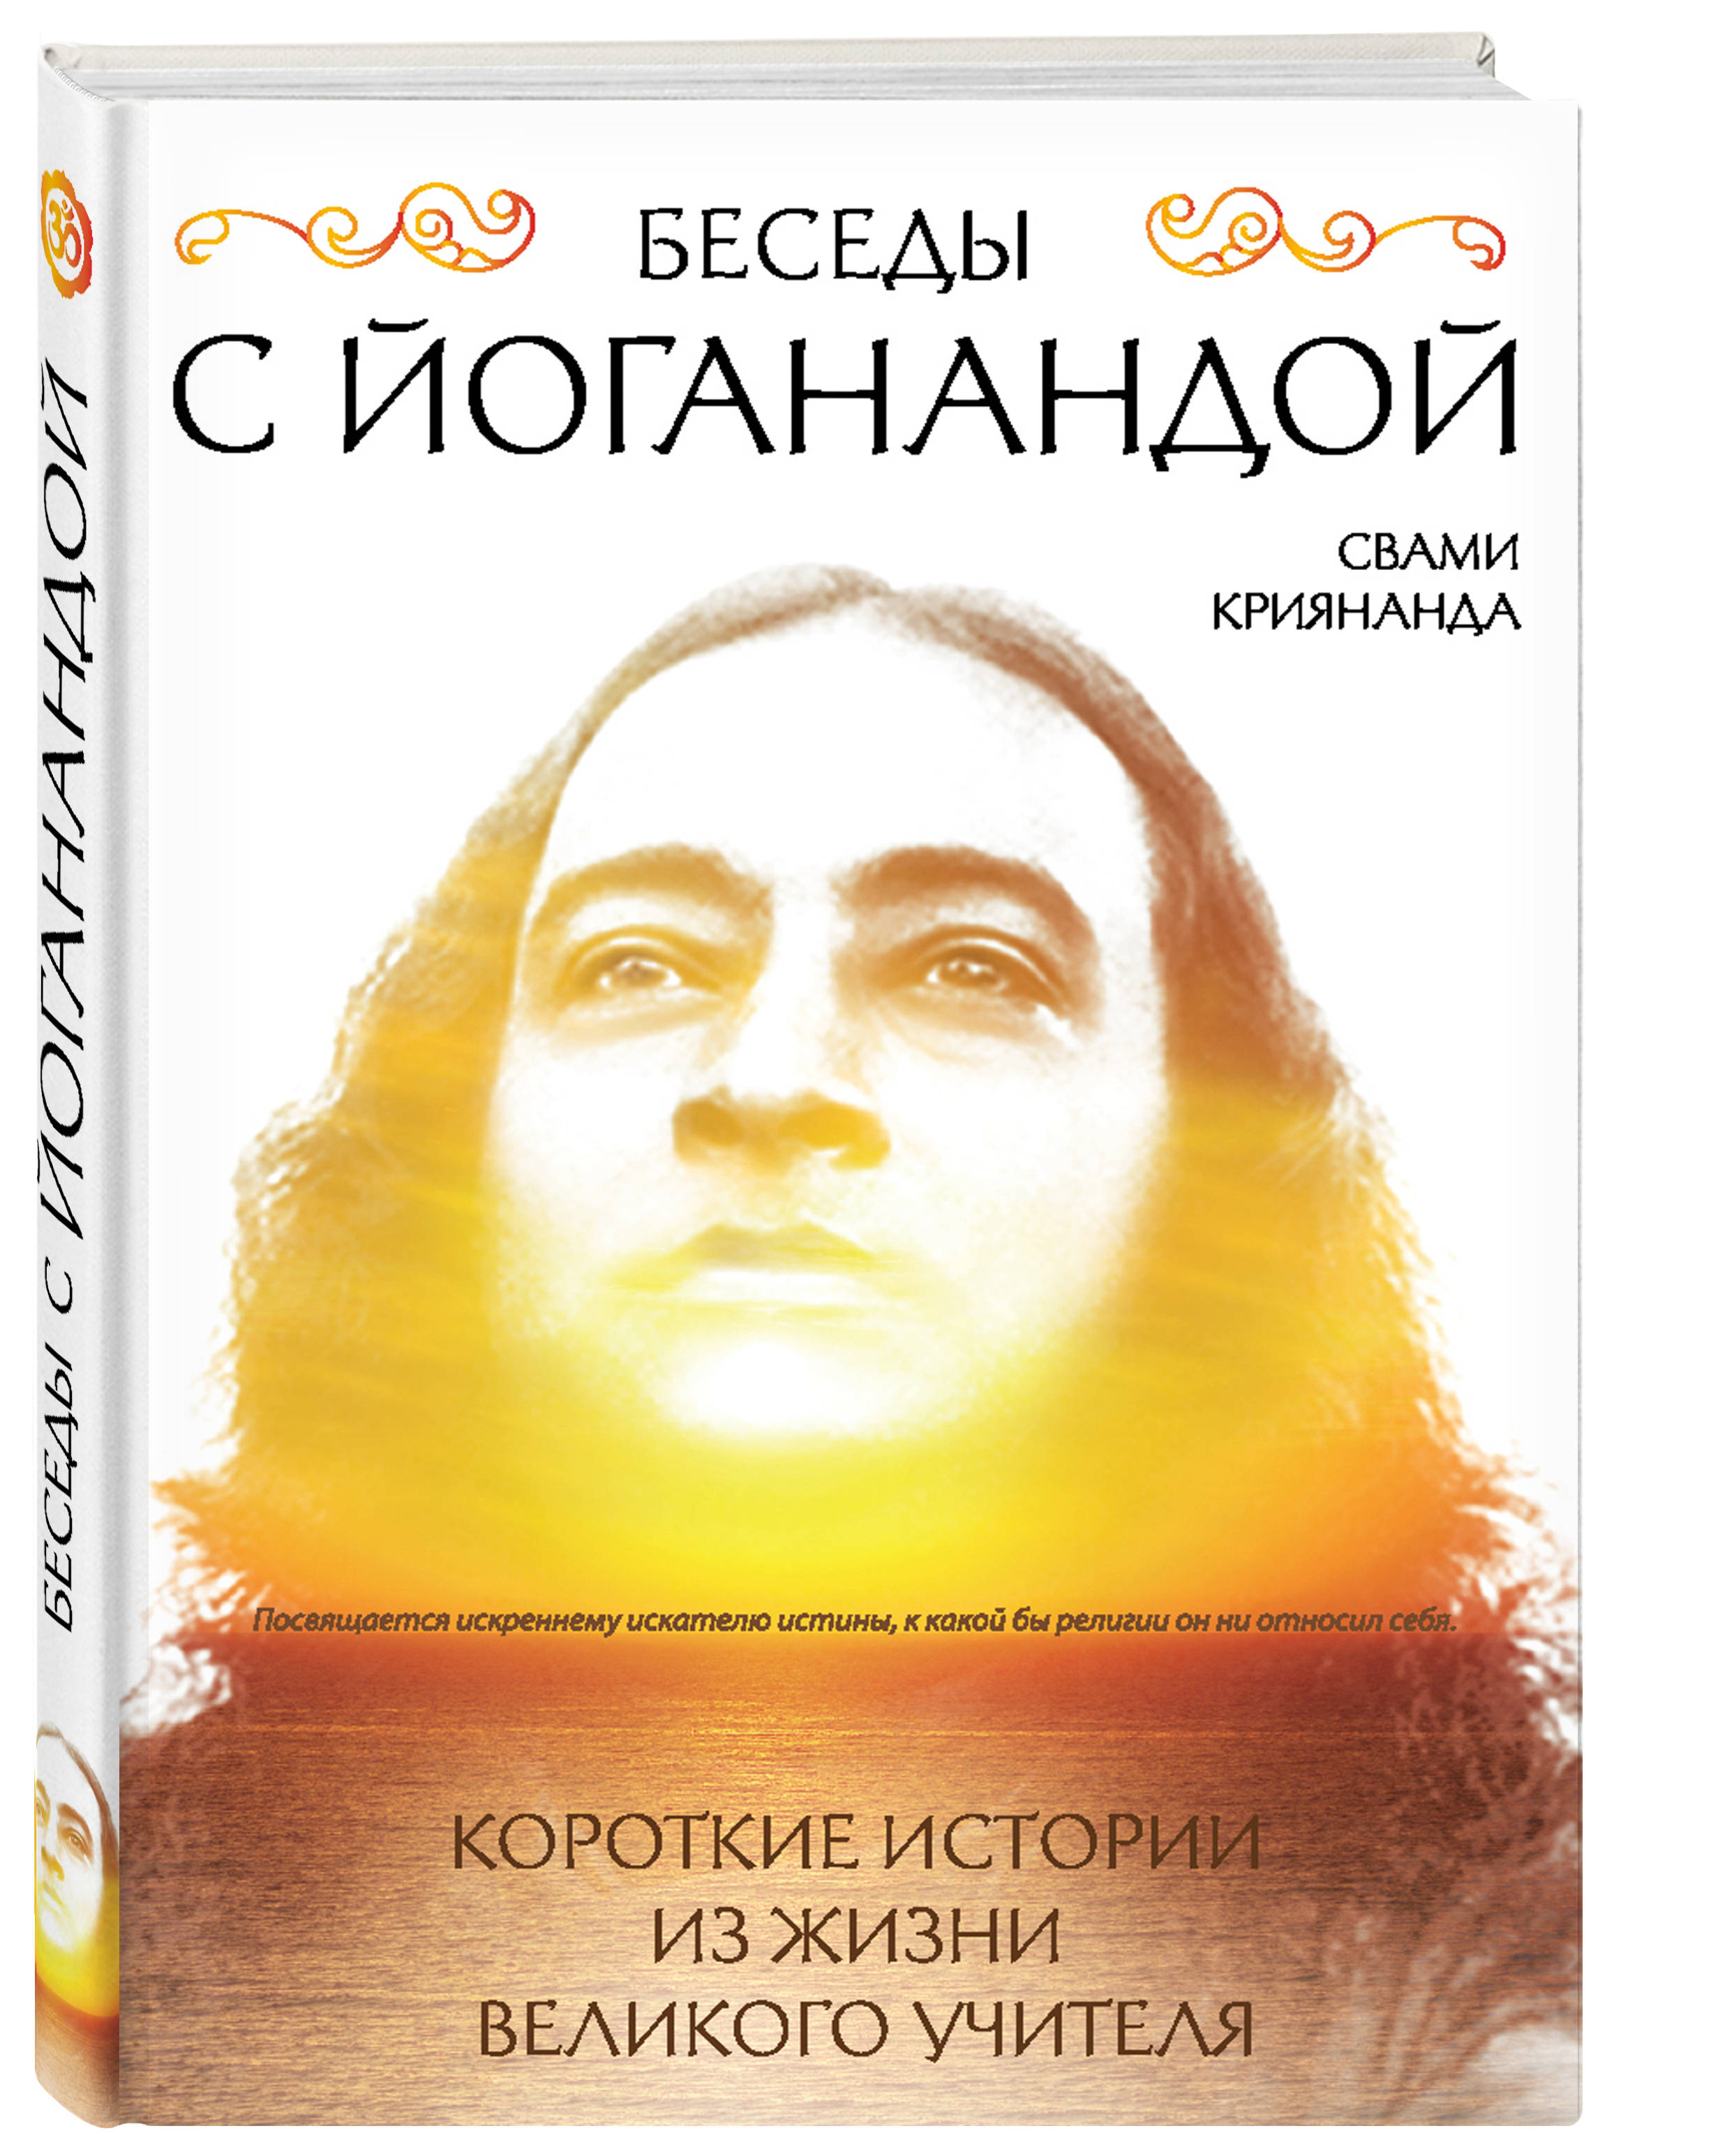 Беседы с Йоганандой от book24.ru